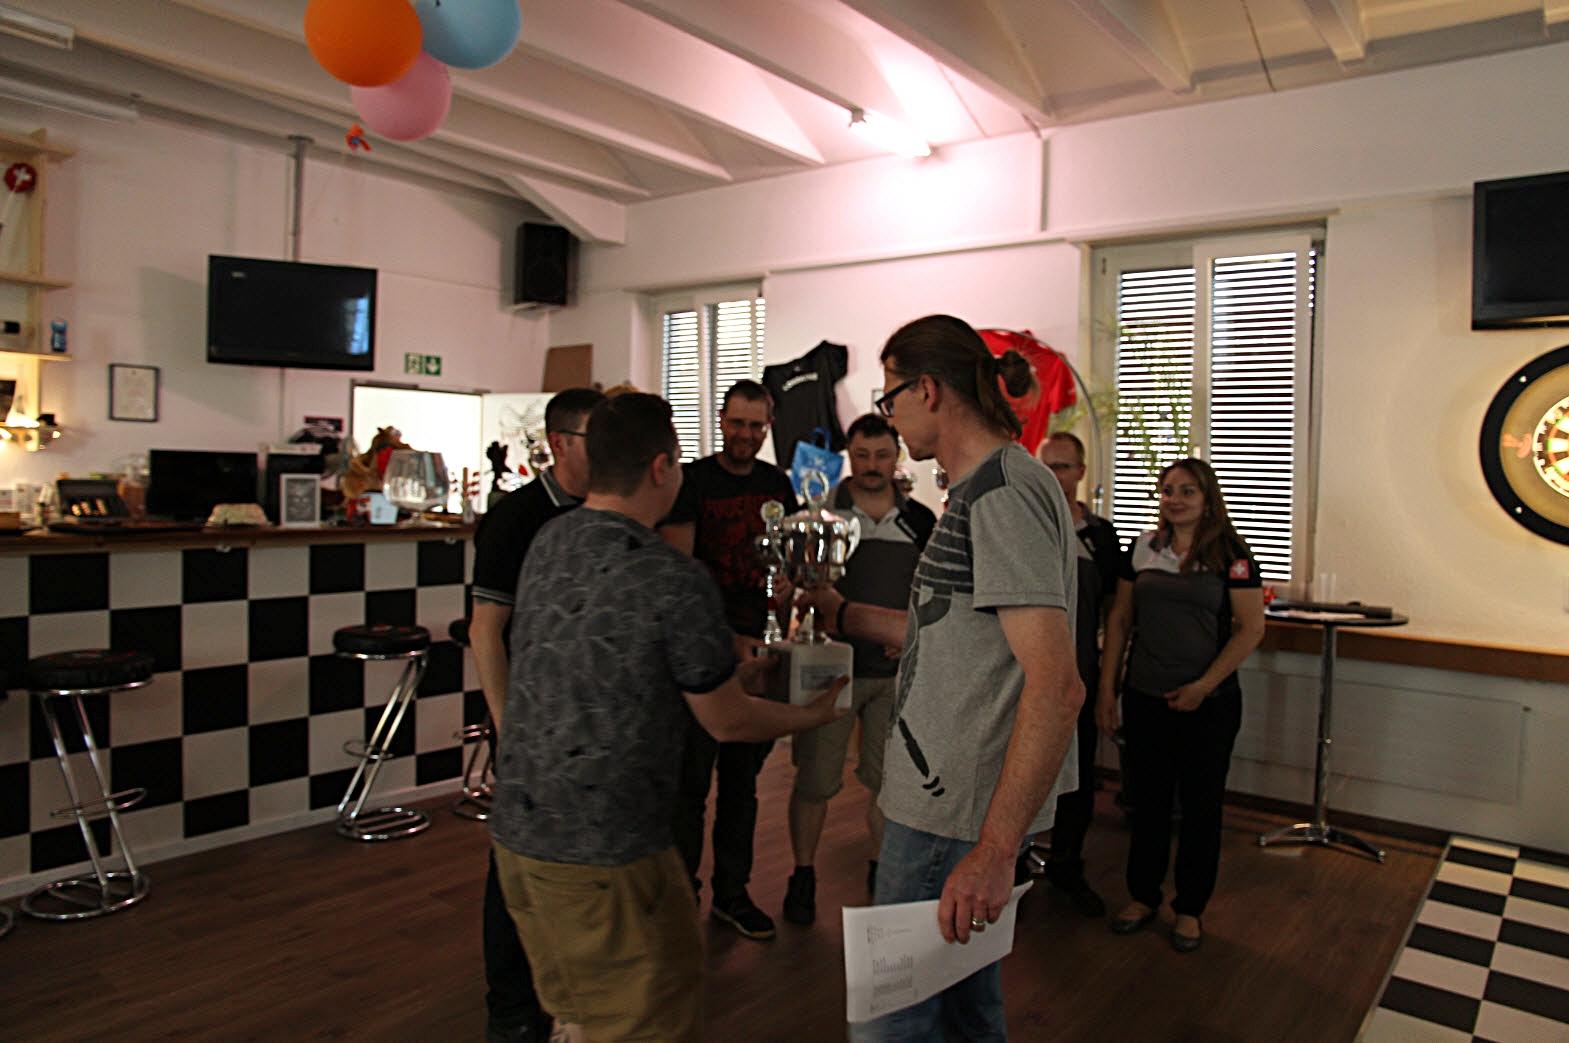 Pokalübergabe für die DLRA Meisterschaft 2017/18